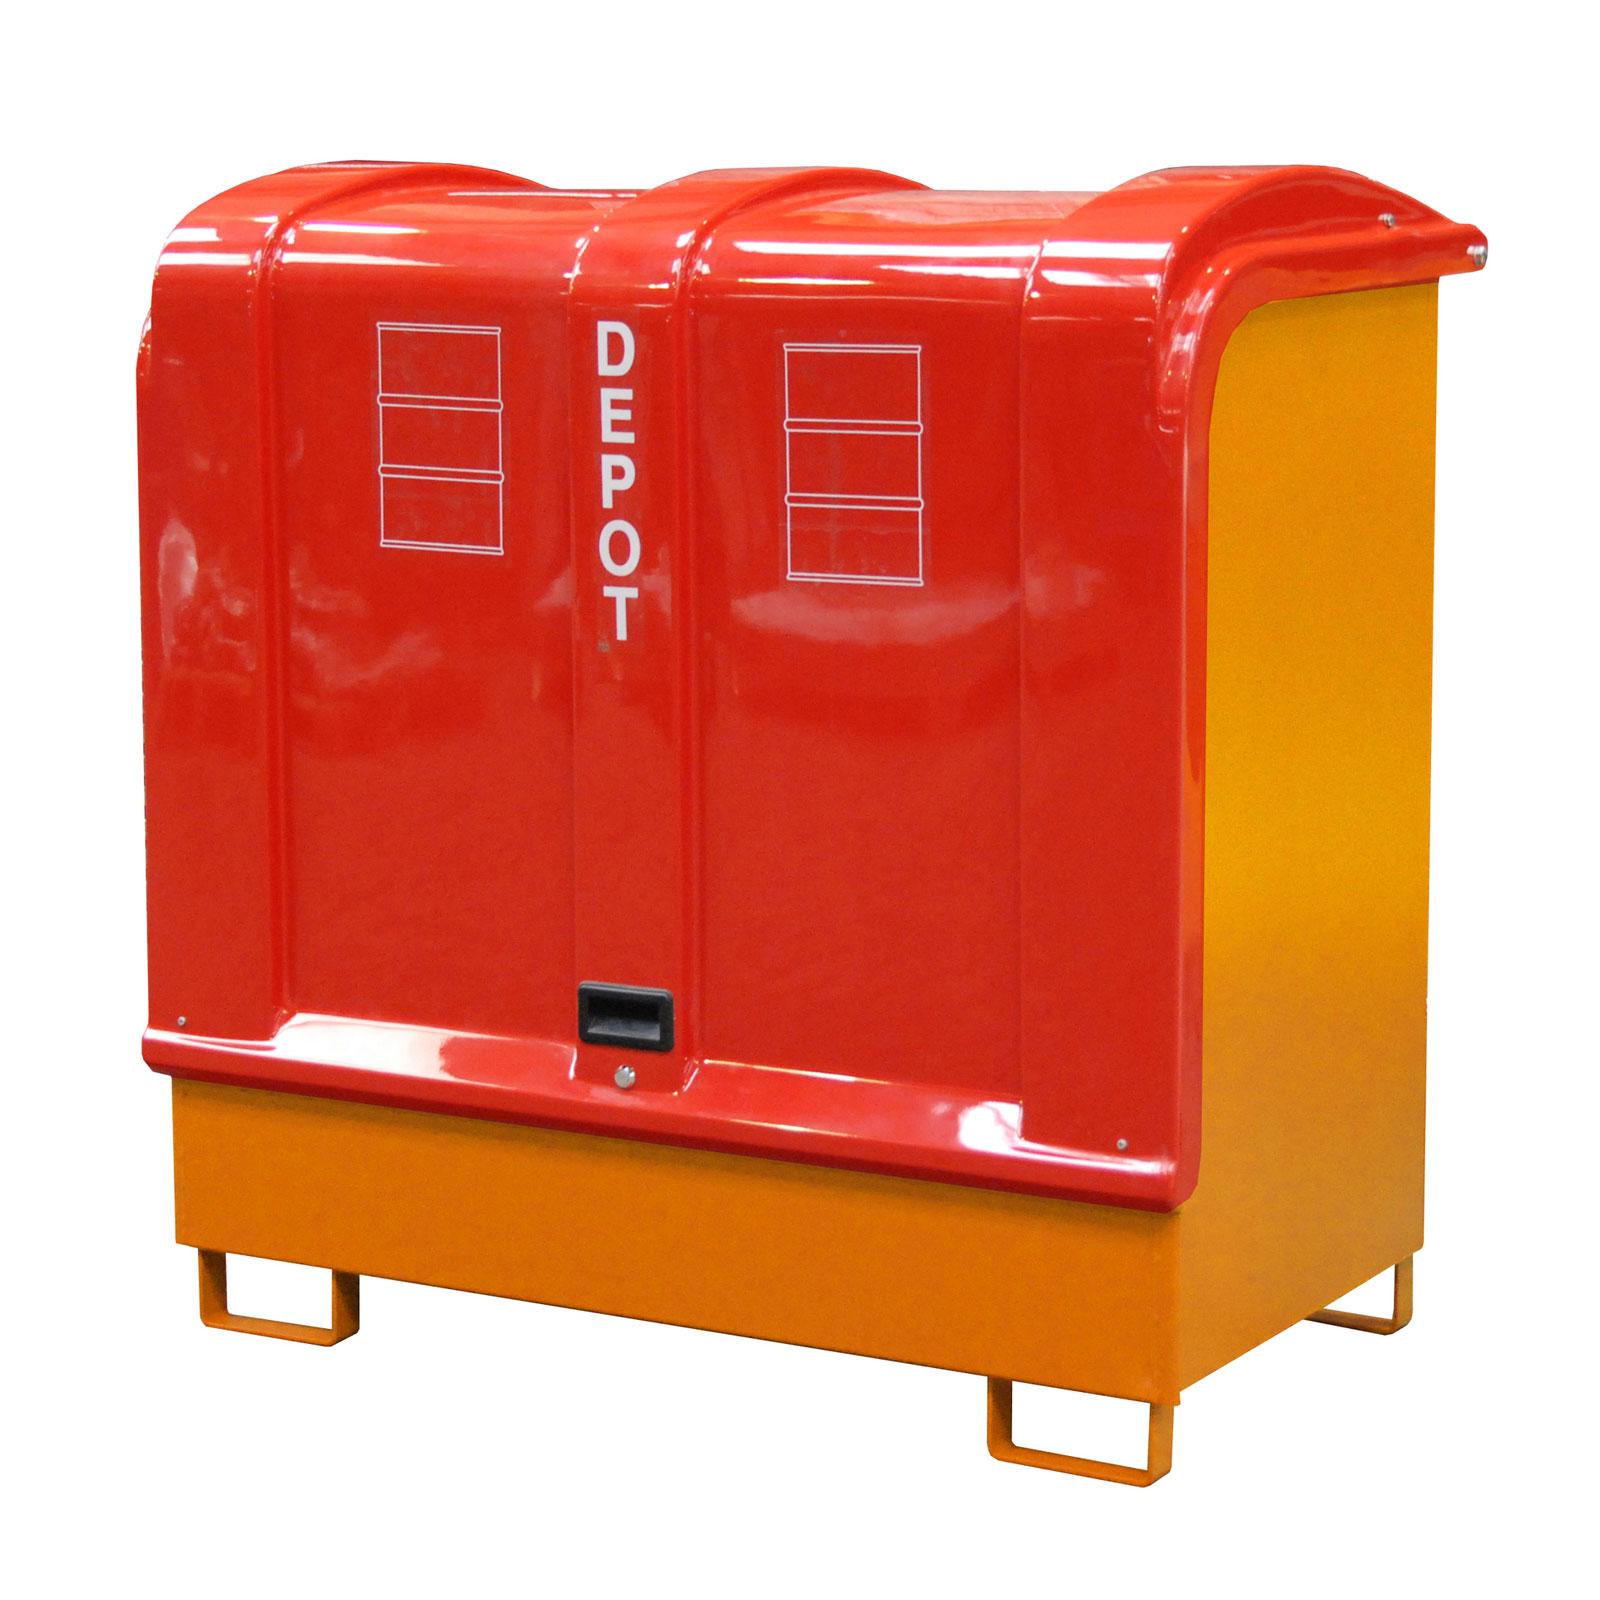 Bauer Gefahrstoff-Depot GD-B für Außenbereich mit Spritzschutzwand und GFK-Haube, Gelborange 4416-02-0000-1